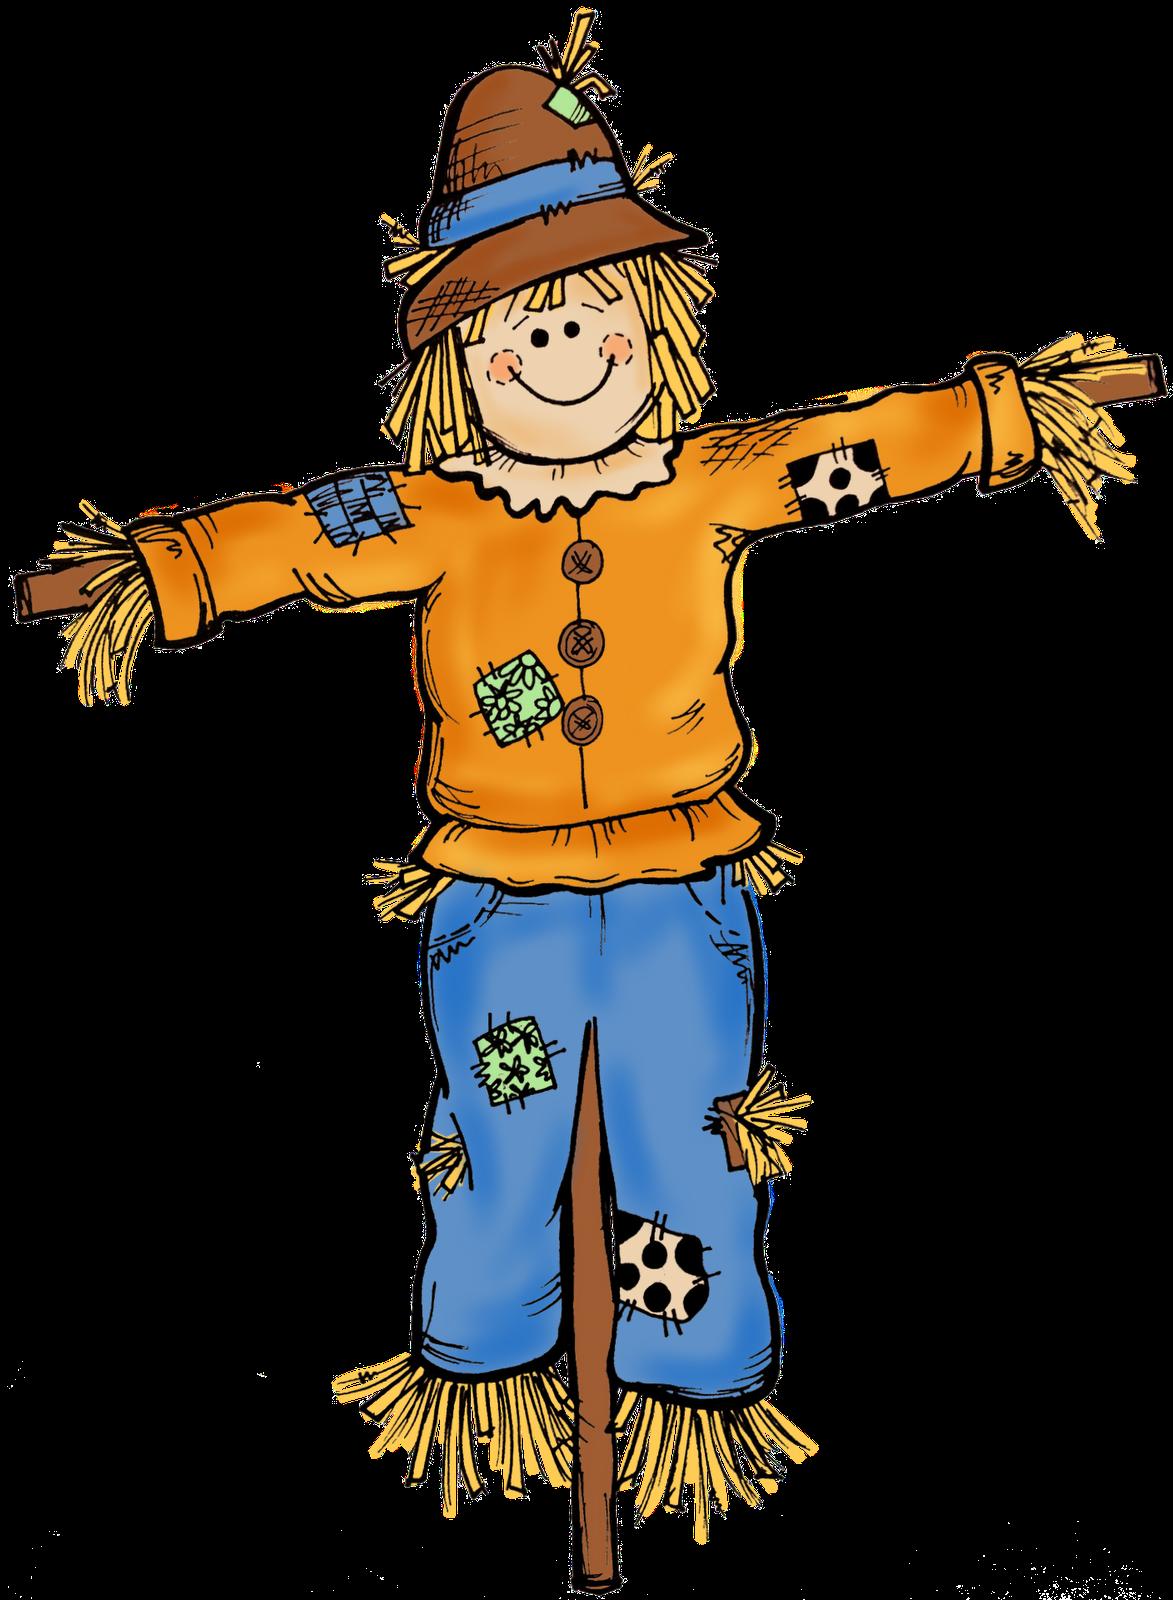 Heaven clipart saint peter. Autumn scarecrow